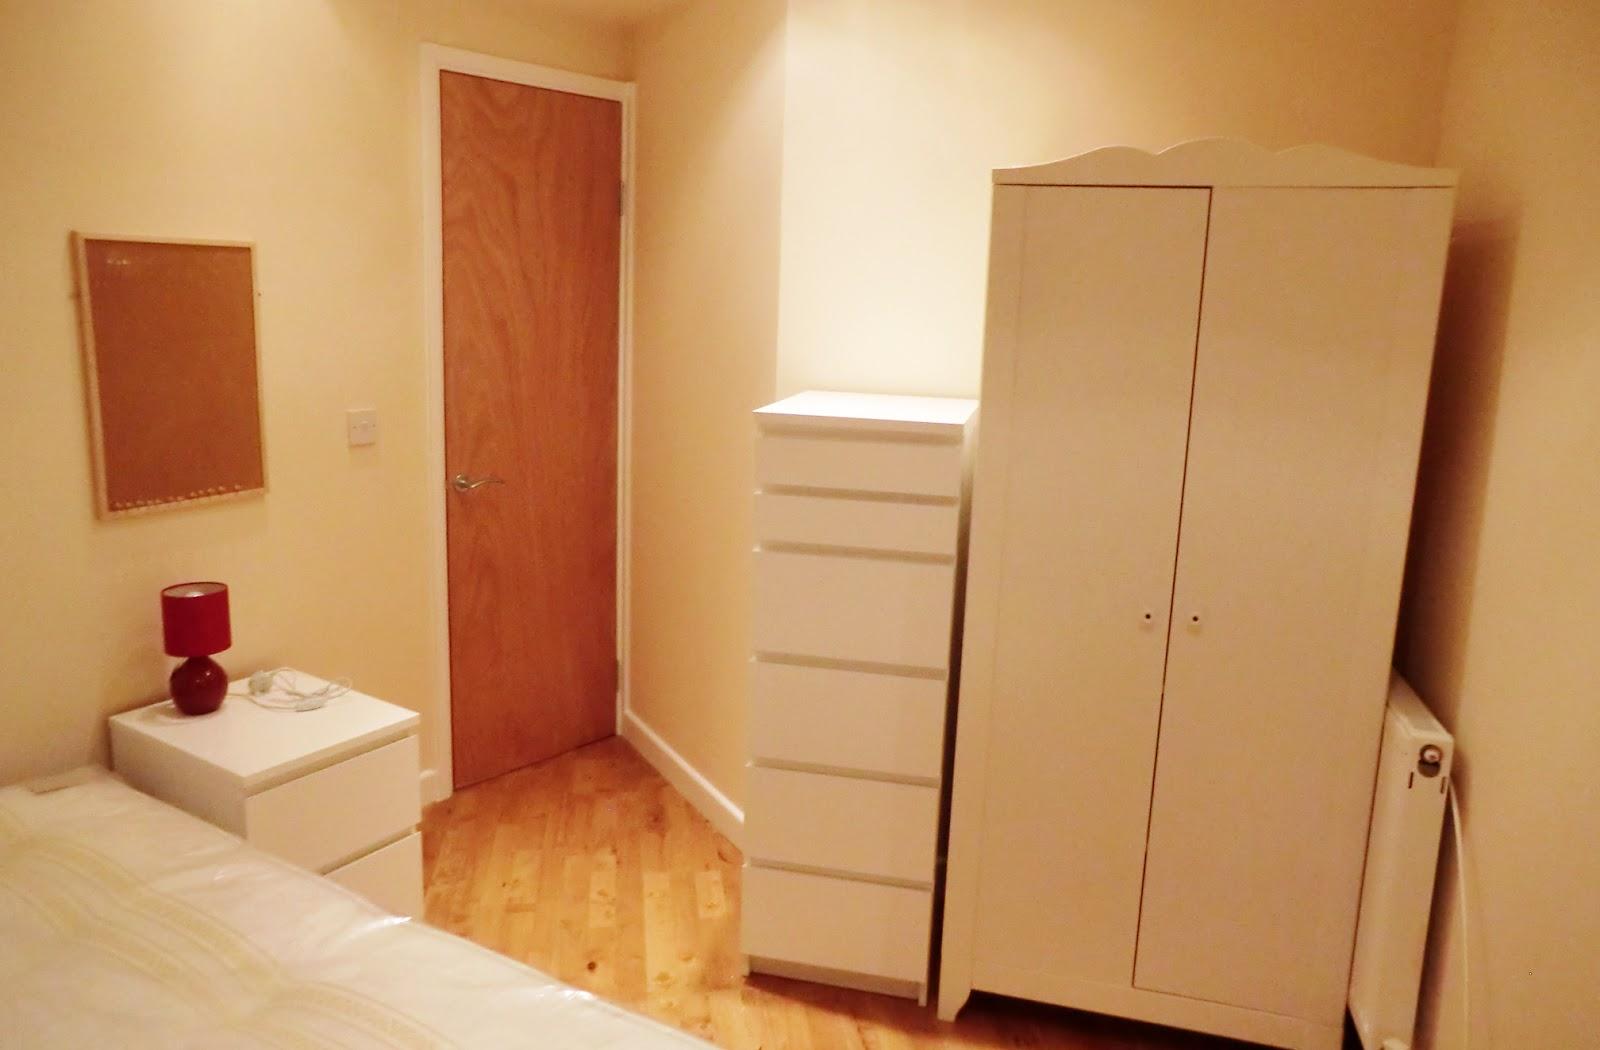 Cabina Armadio Piccola Wuppertal : Directory italia: affittare una camera a londra con london2live